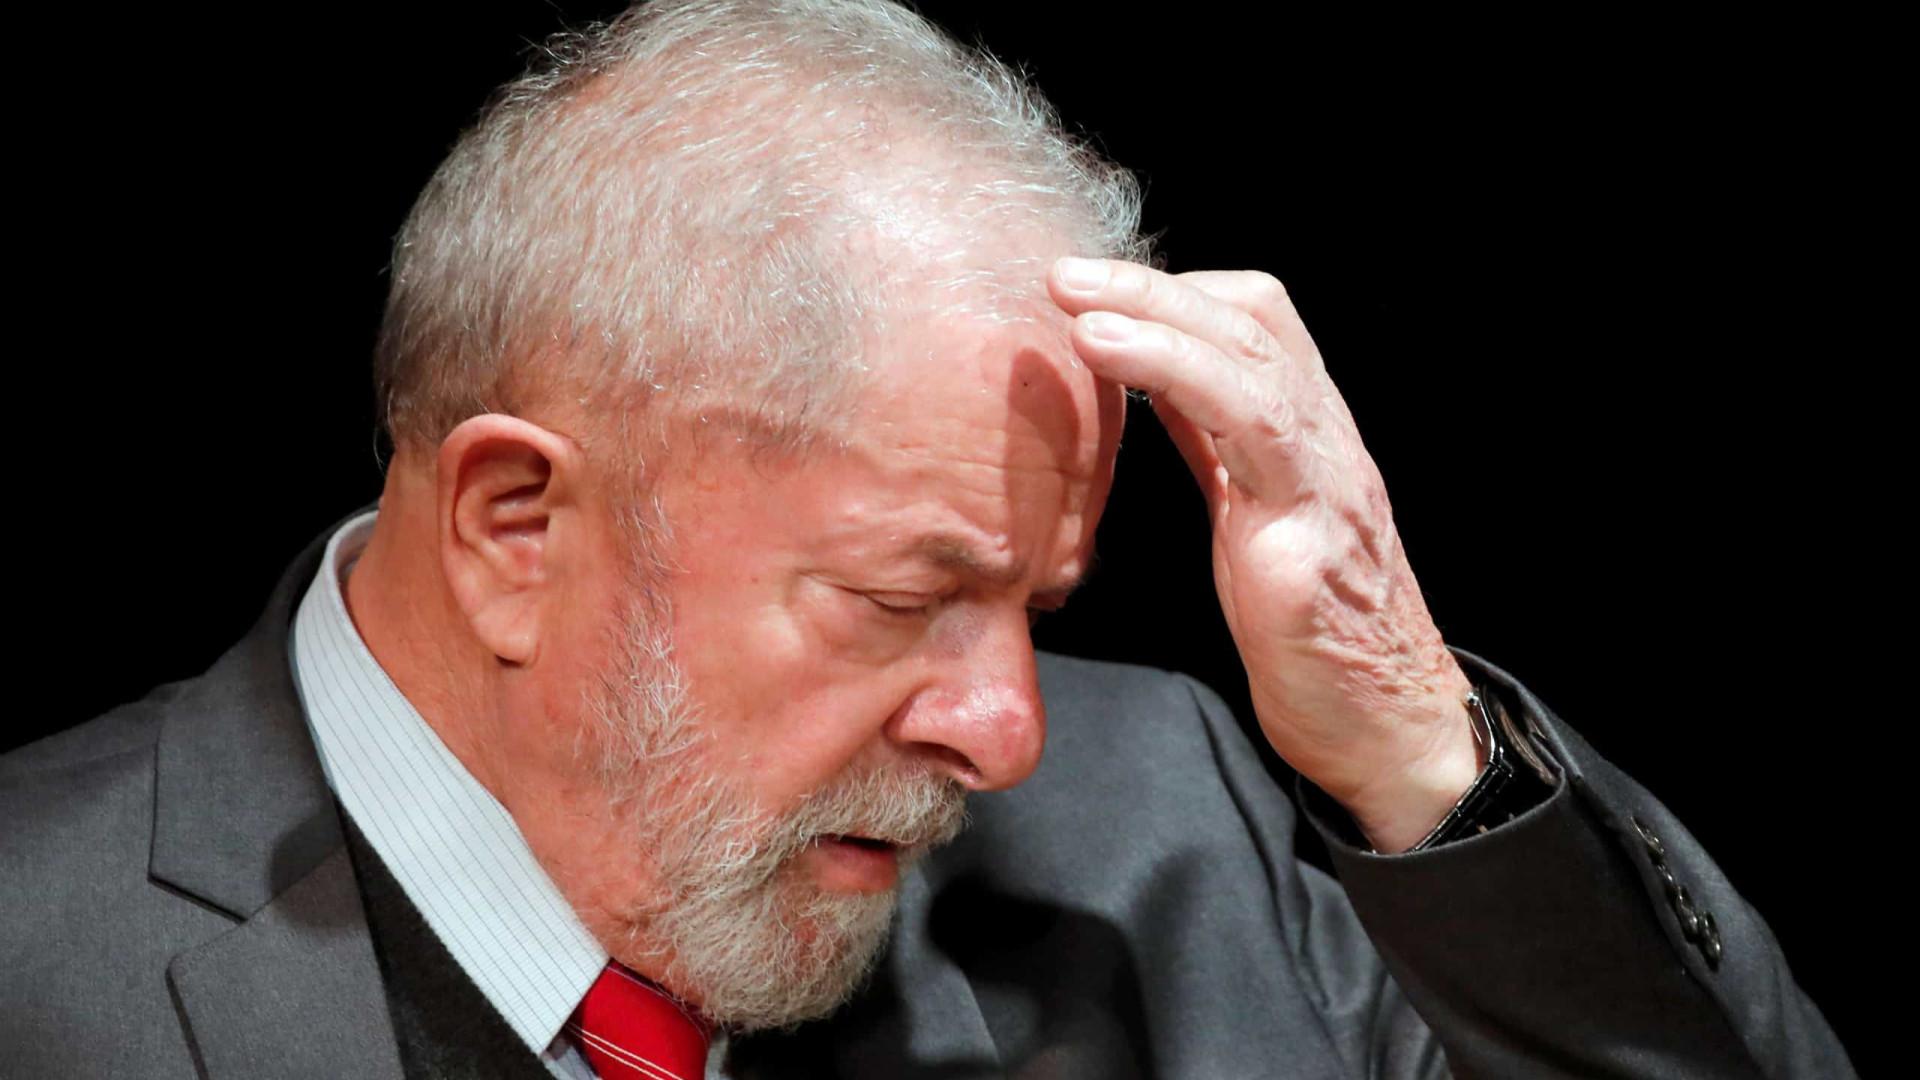 STJ nega novo recurso de Lula contra sentença do triplex na Lava Jato